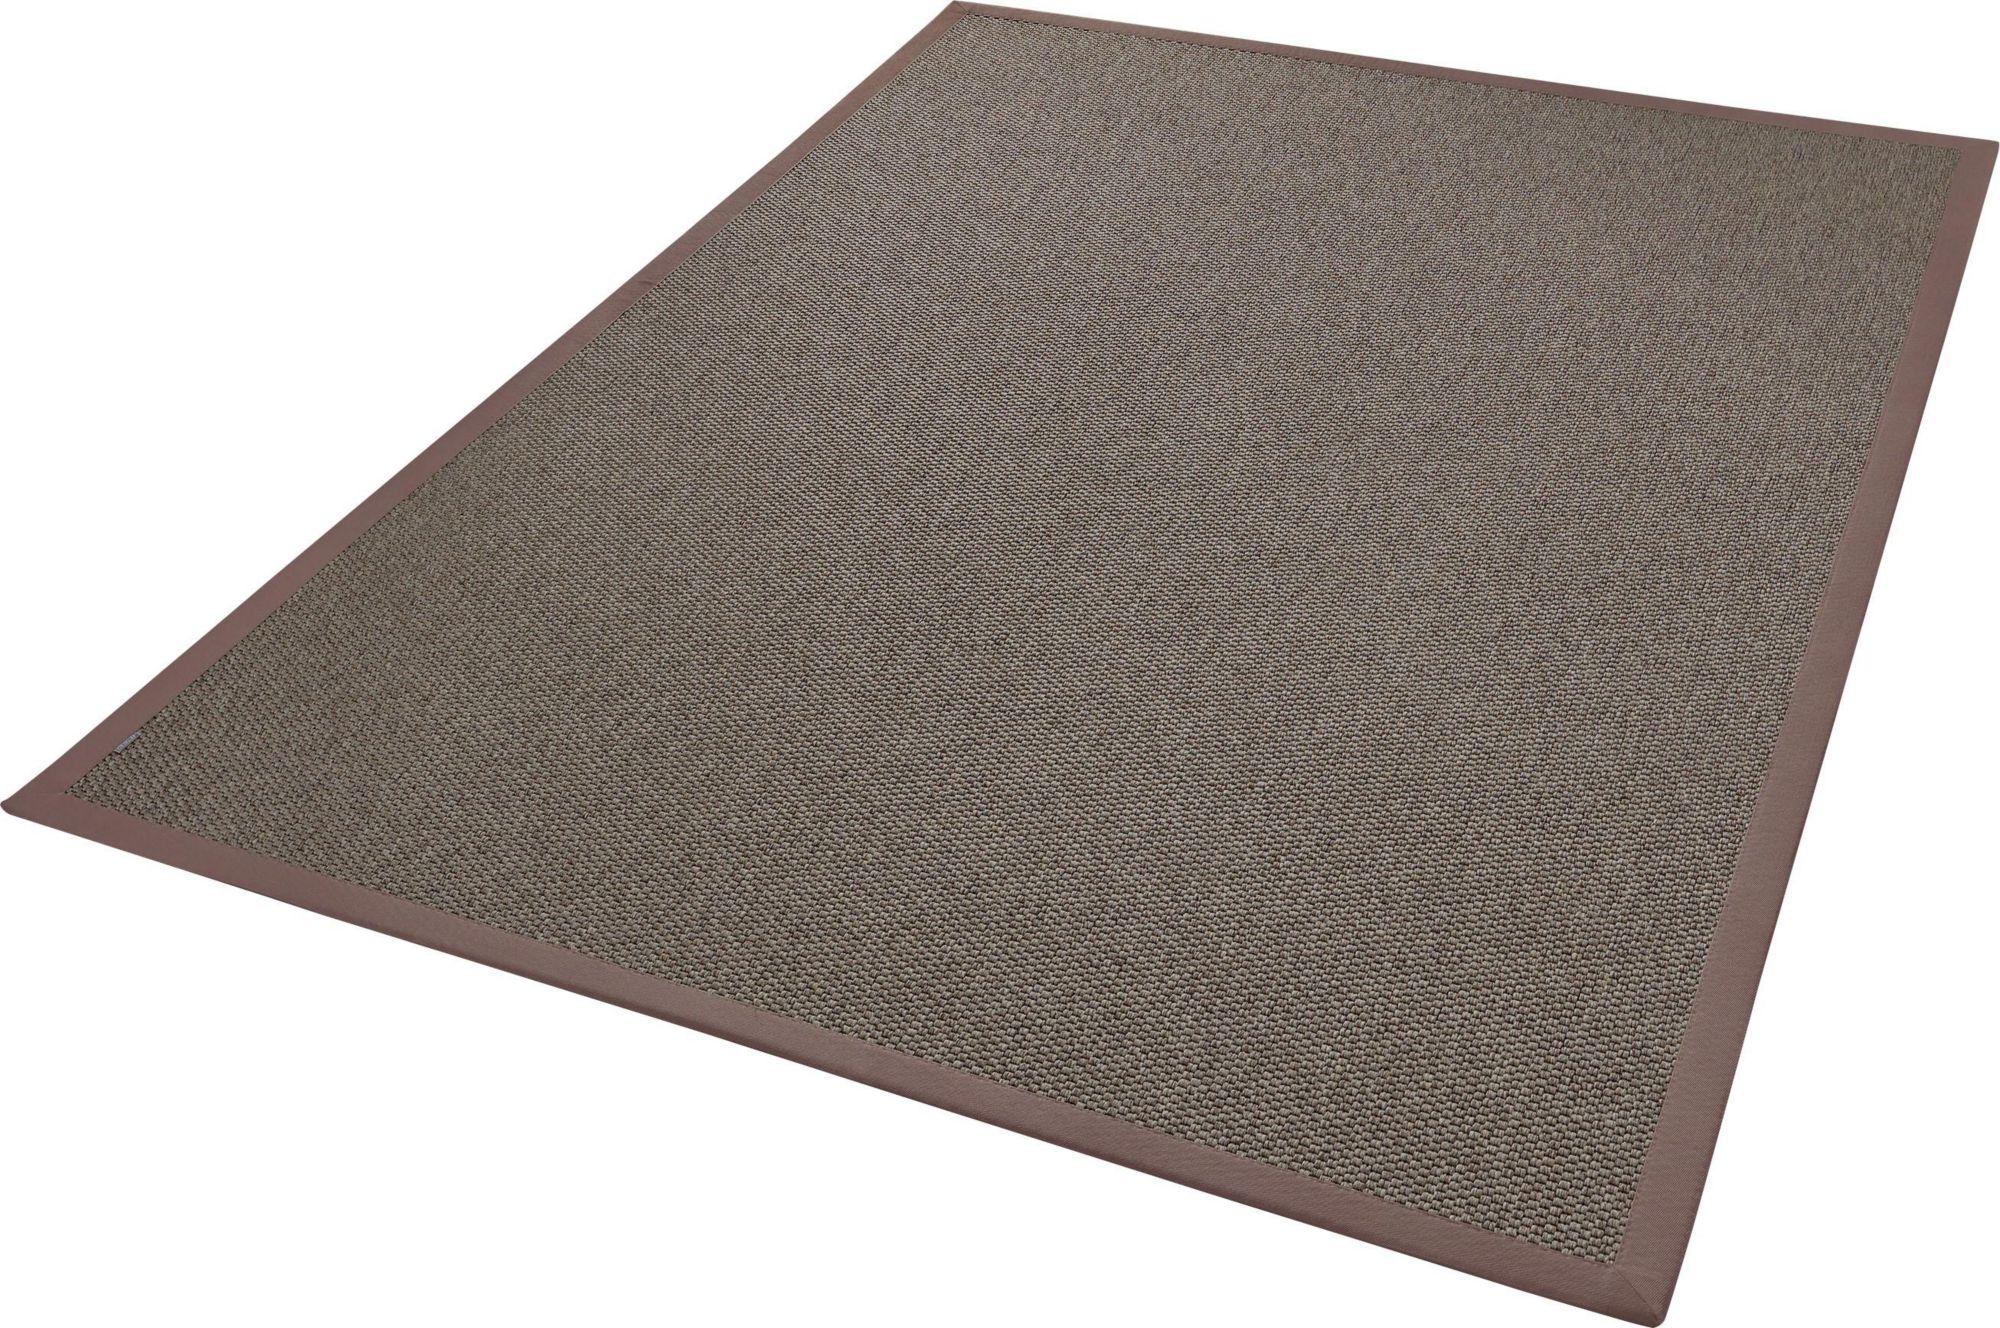 DEKOWE Teppich, »Naturana Panama«, Dekowe, rechteckig, Höhe 8 mm, maschinell gewebt